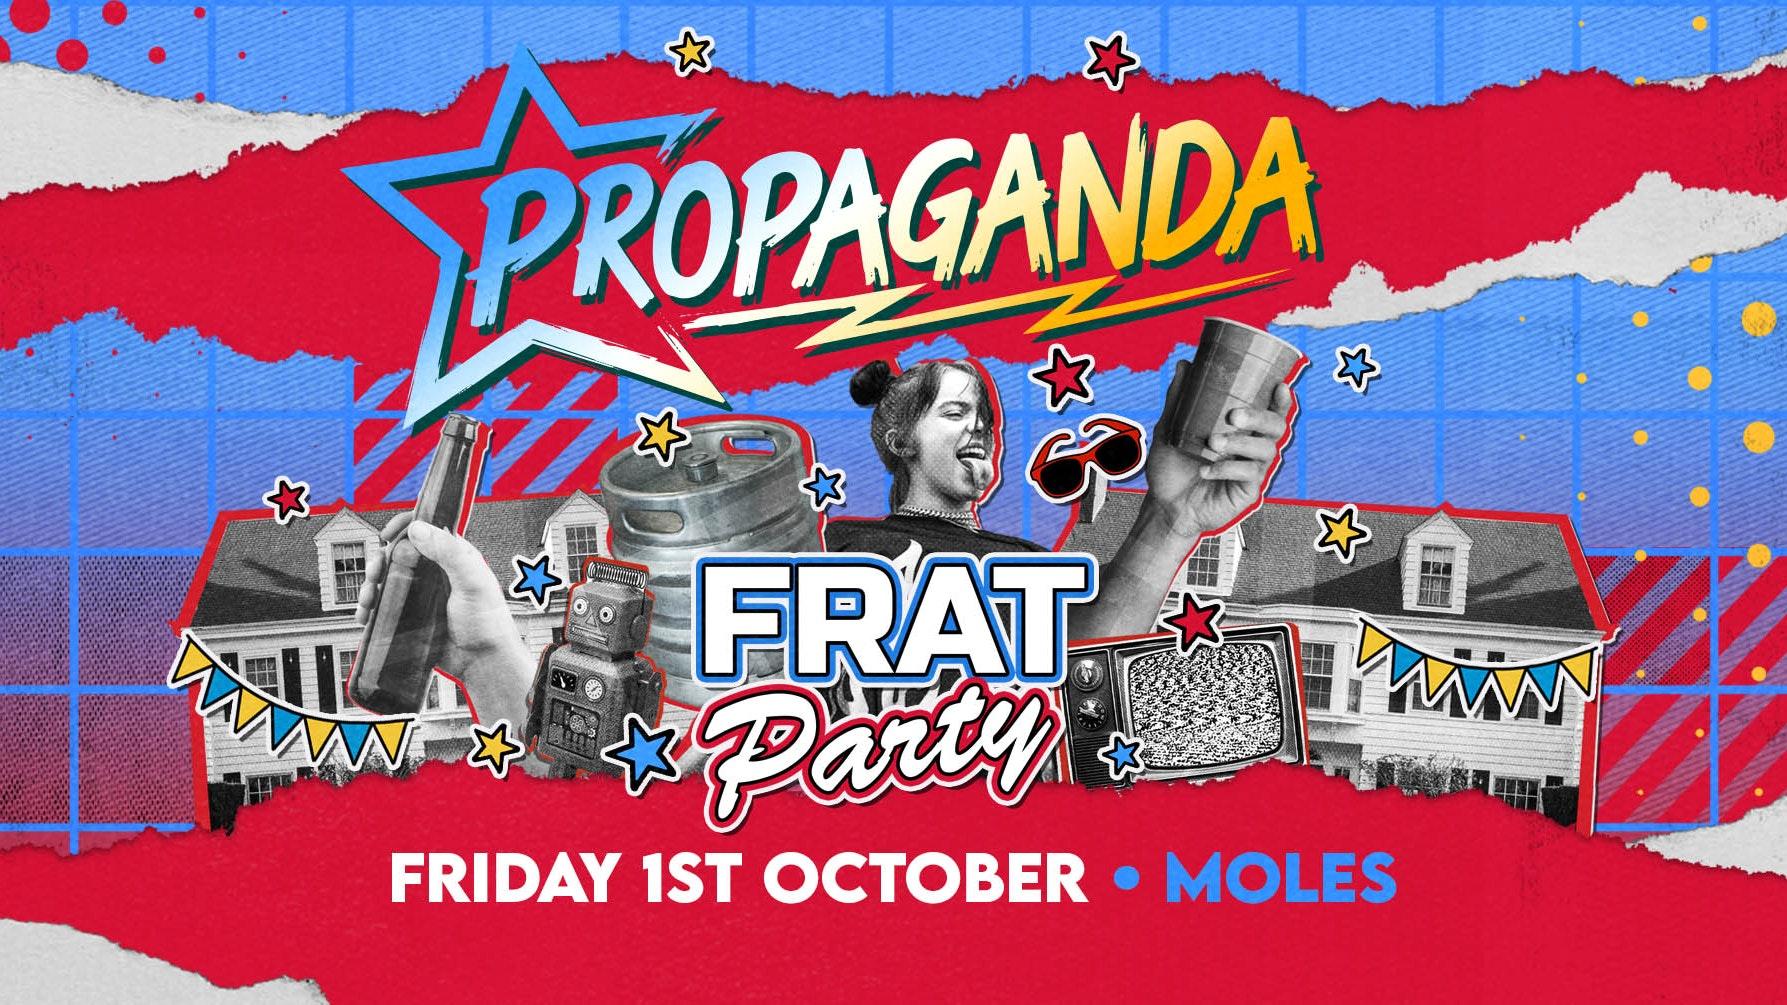 Propaganda Bath – Frat Party!